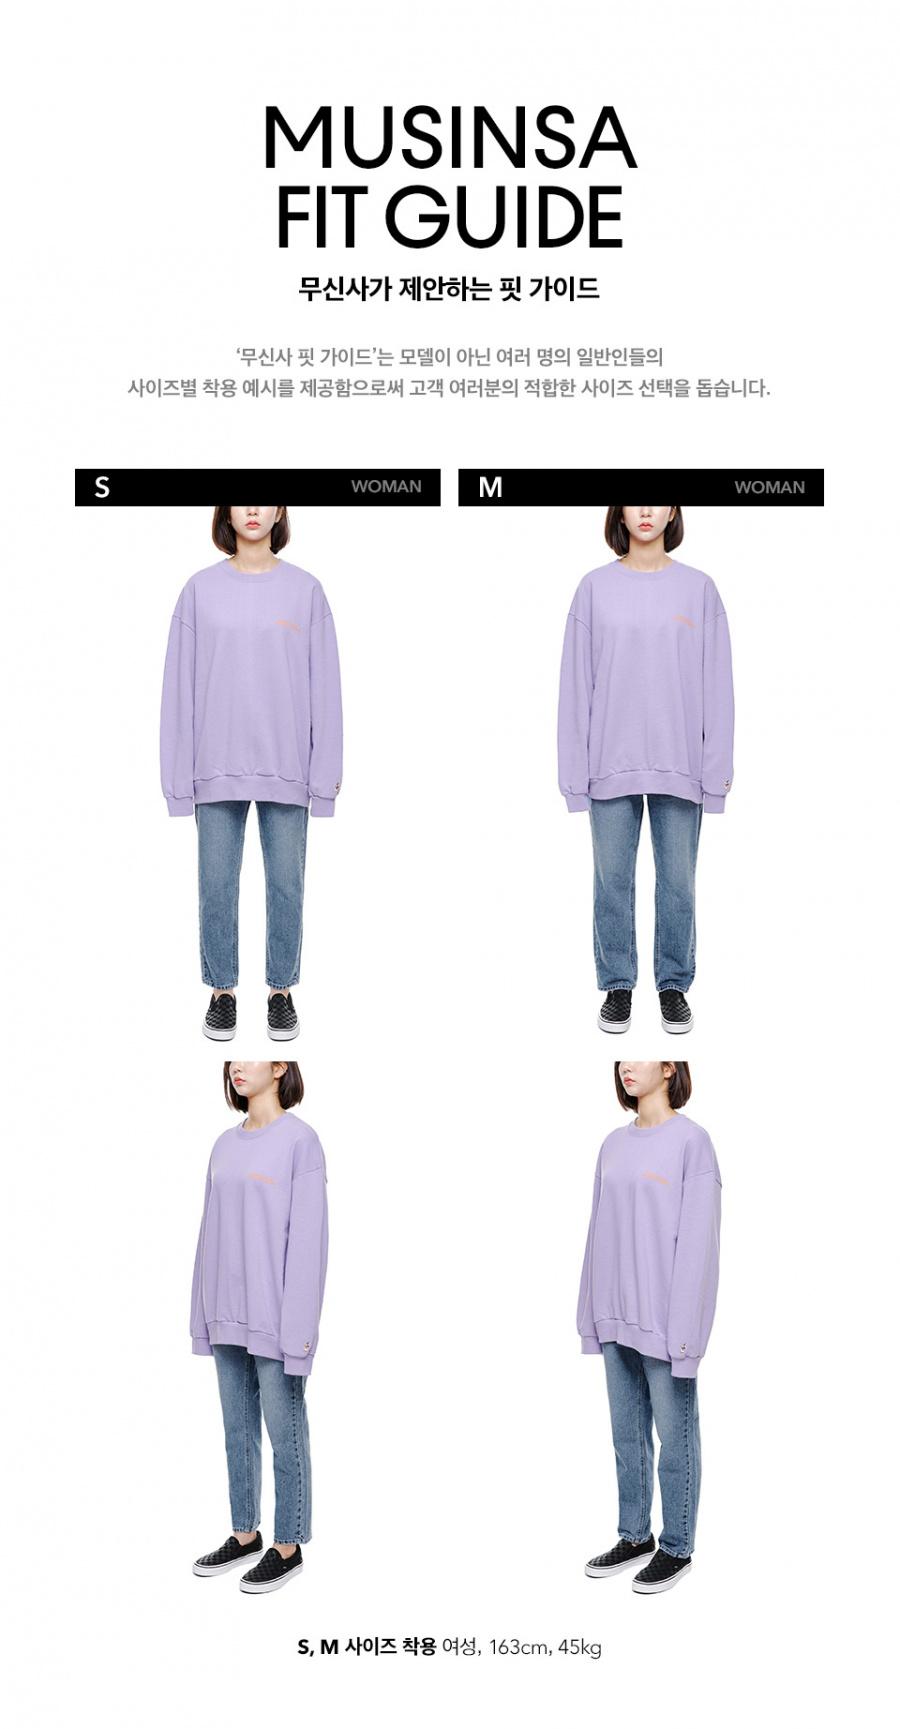 레이디 볼륨(LADY VOLUME) High-waist denim pants